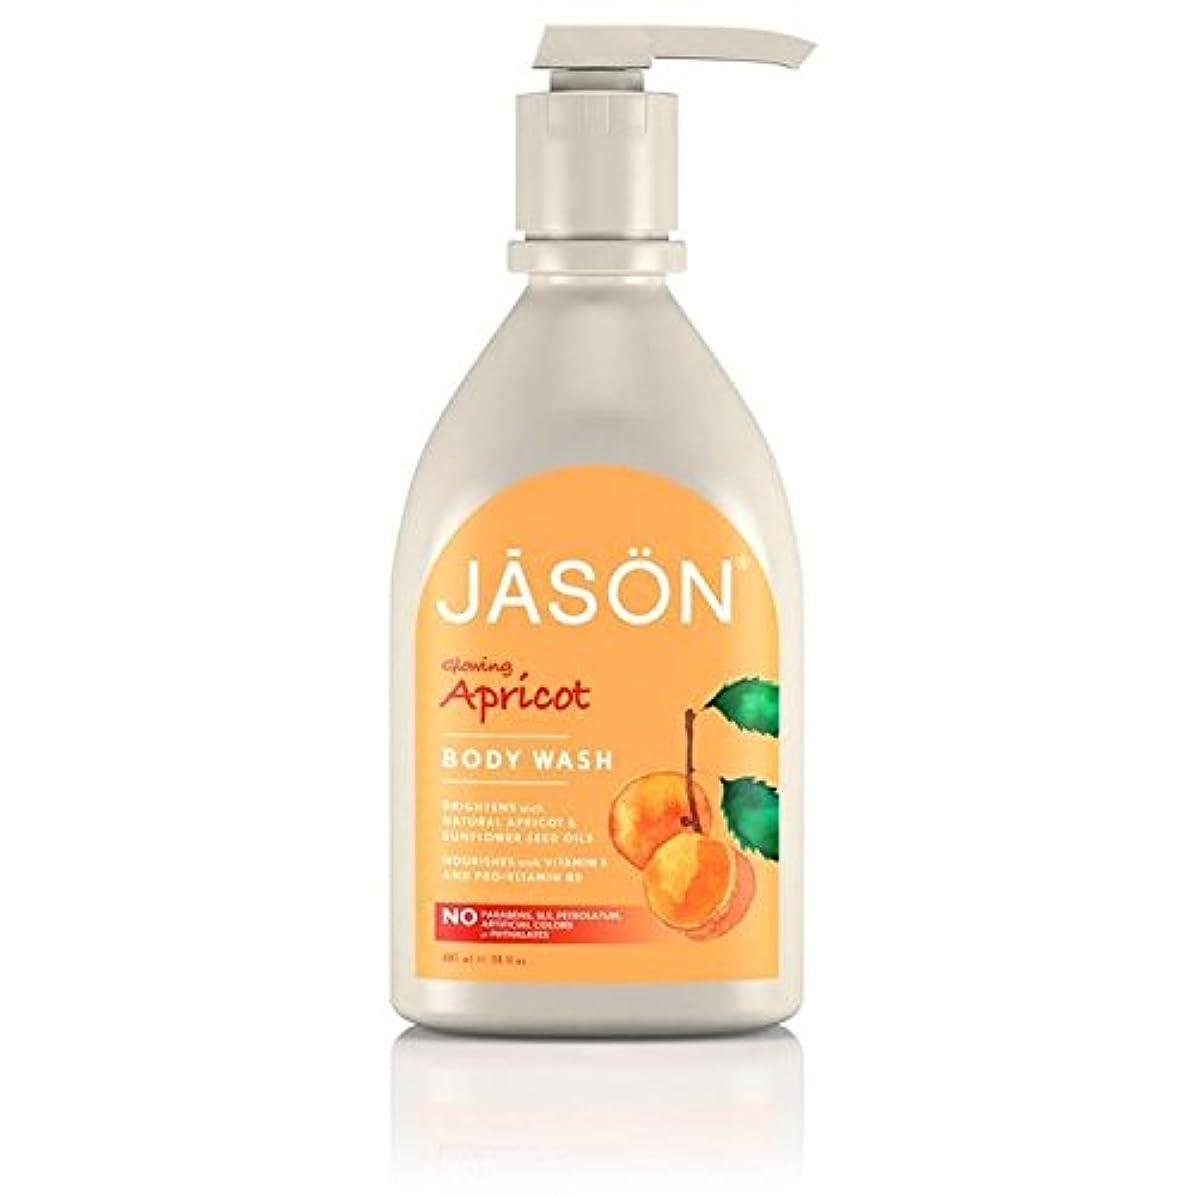 ぺディカブ死傷者年次Jason Apricot Satin Body Wash Pump 900ml - ジェイソン?アプリコットサテンボディウォッシュポンプ900ミリリットル [並行輸入品]